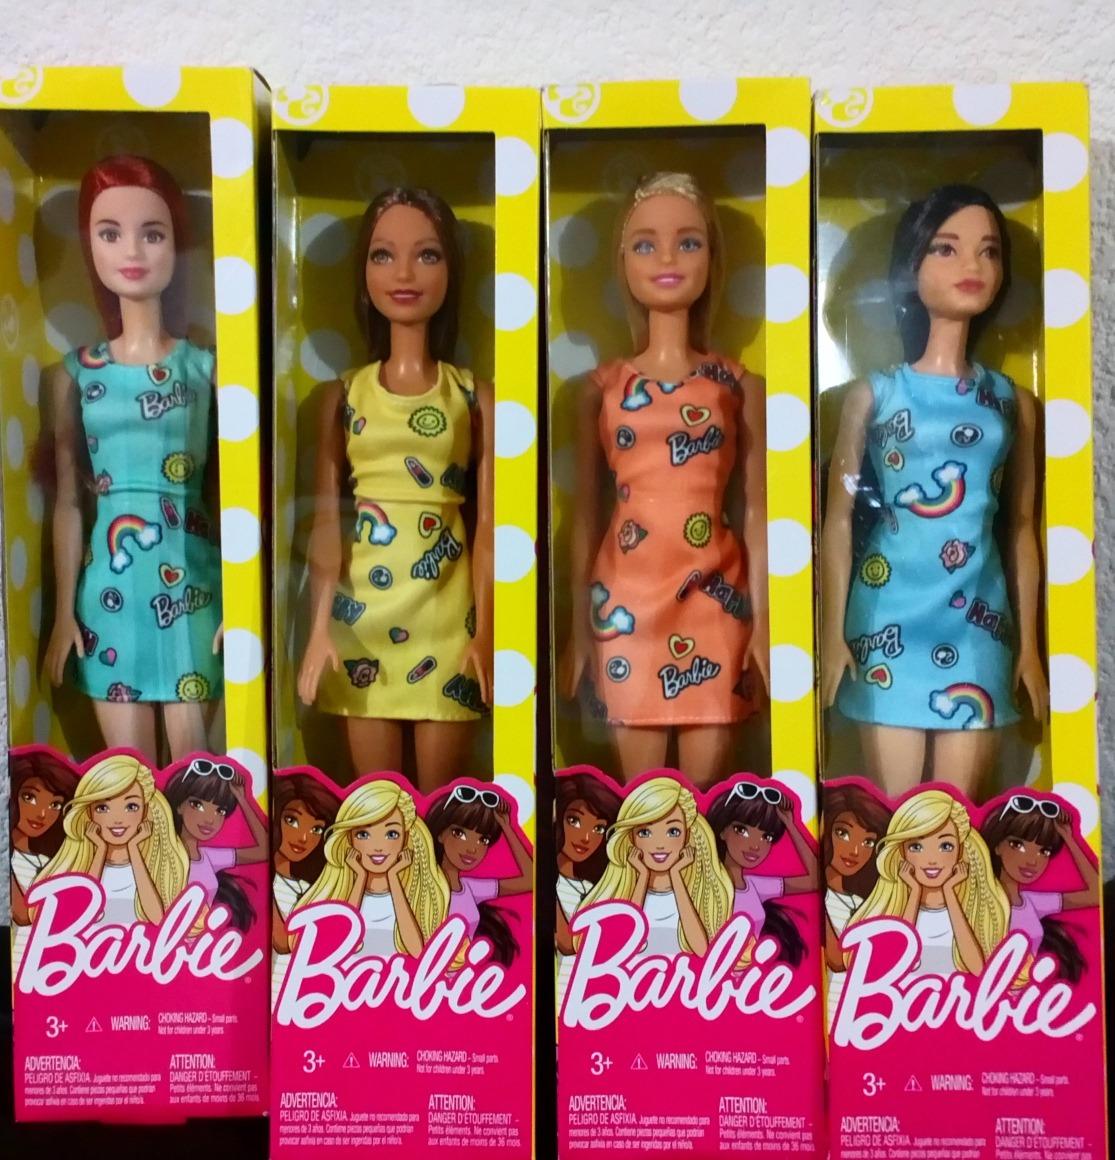 Coleccion original de muñecas Barbies